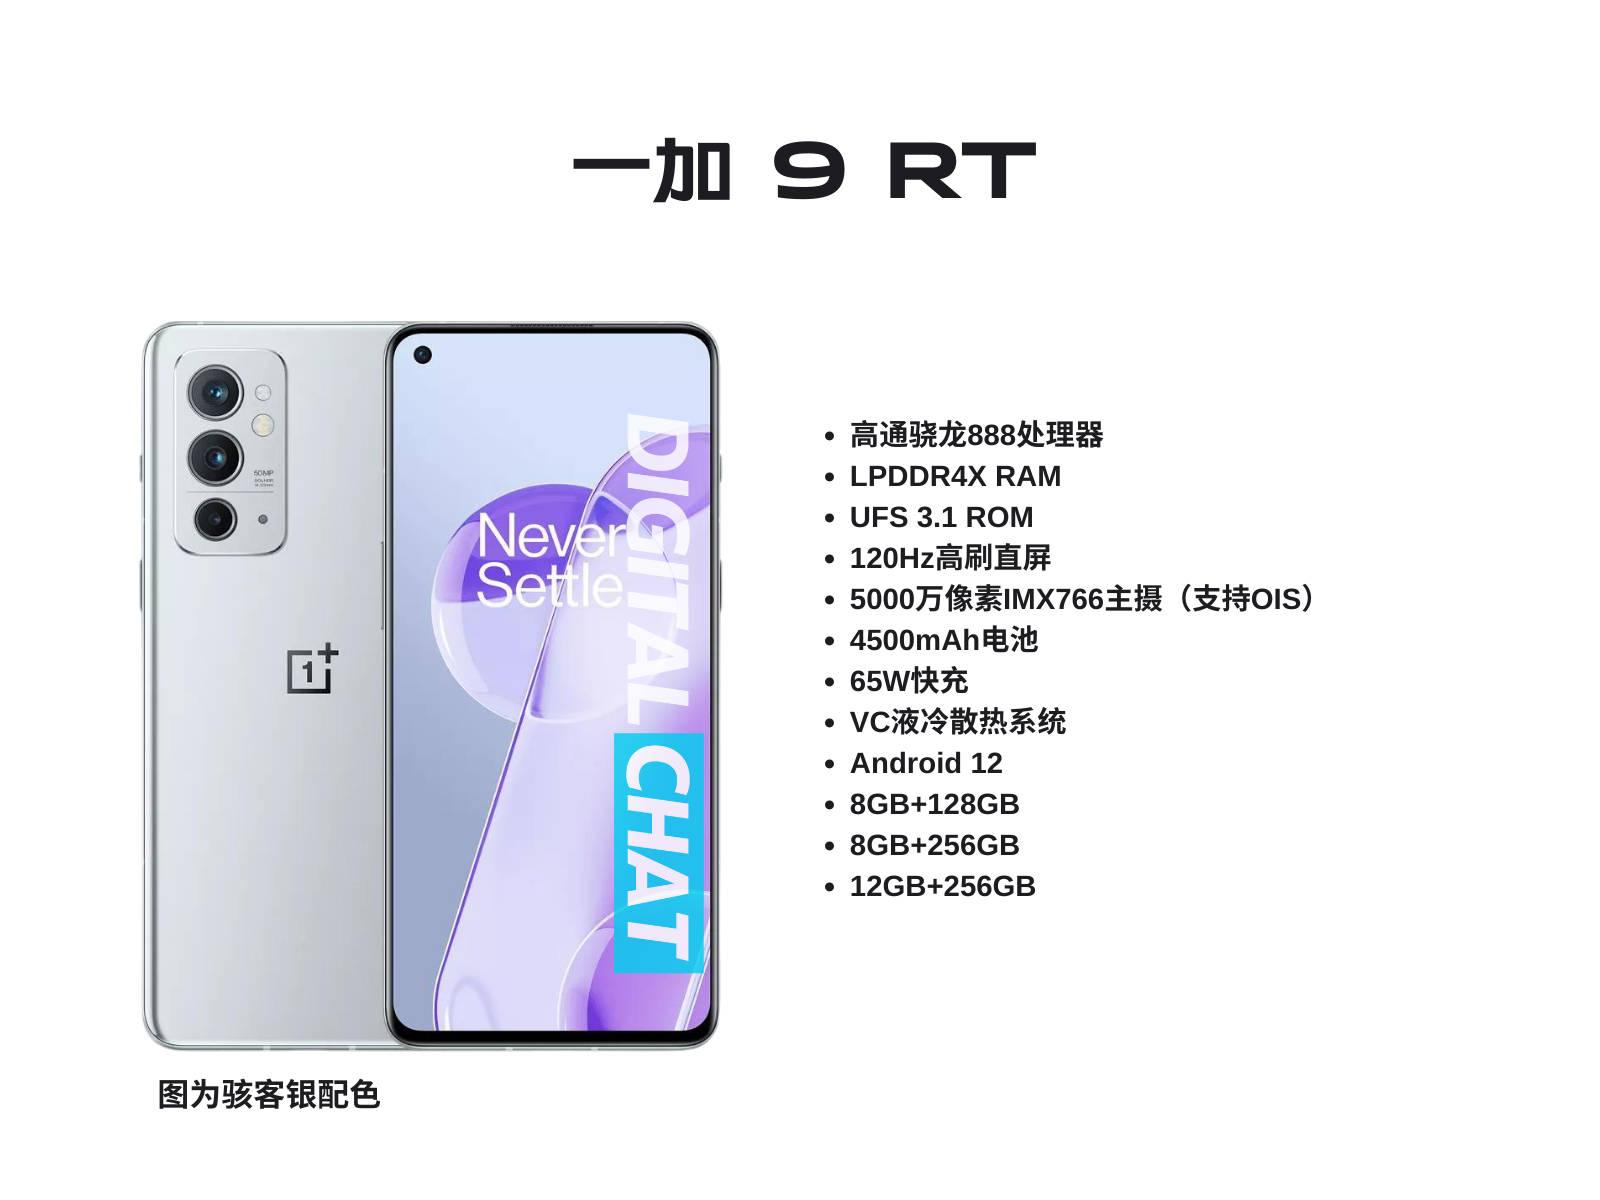 一加9RT正式官宣!刘作虎:老机型用户再战几年是一种鼓励